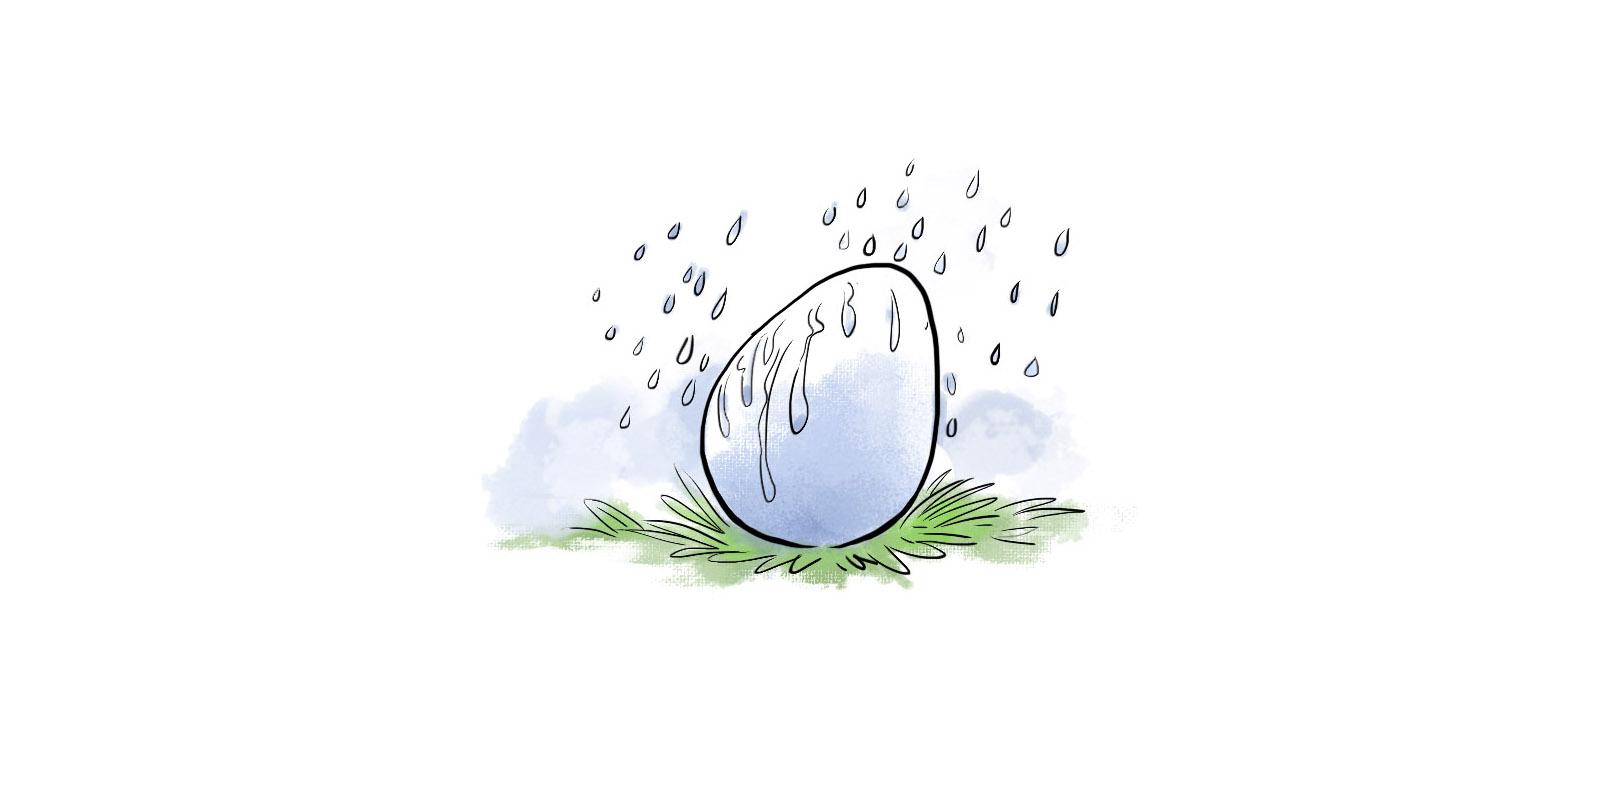 Обеспечение влажности, функции яиц